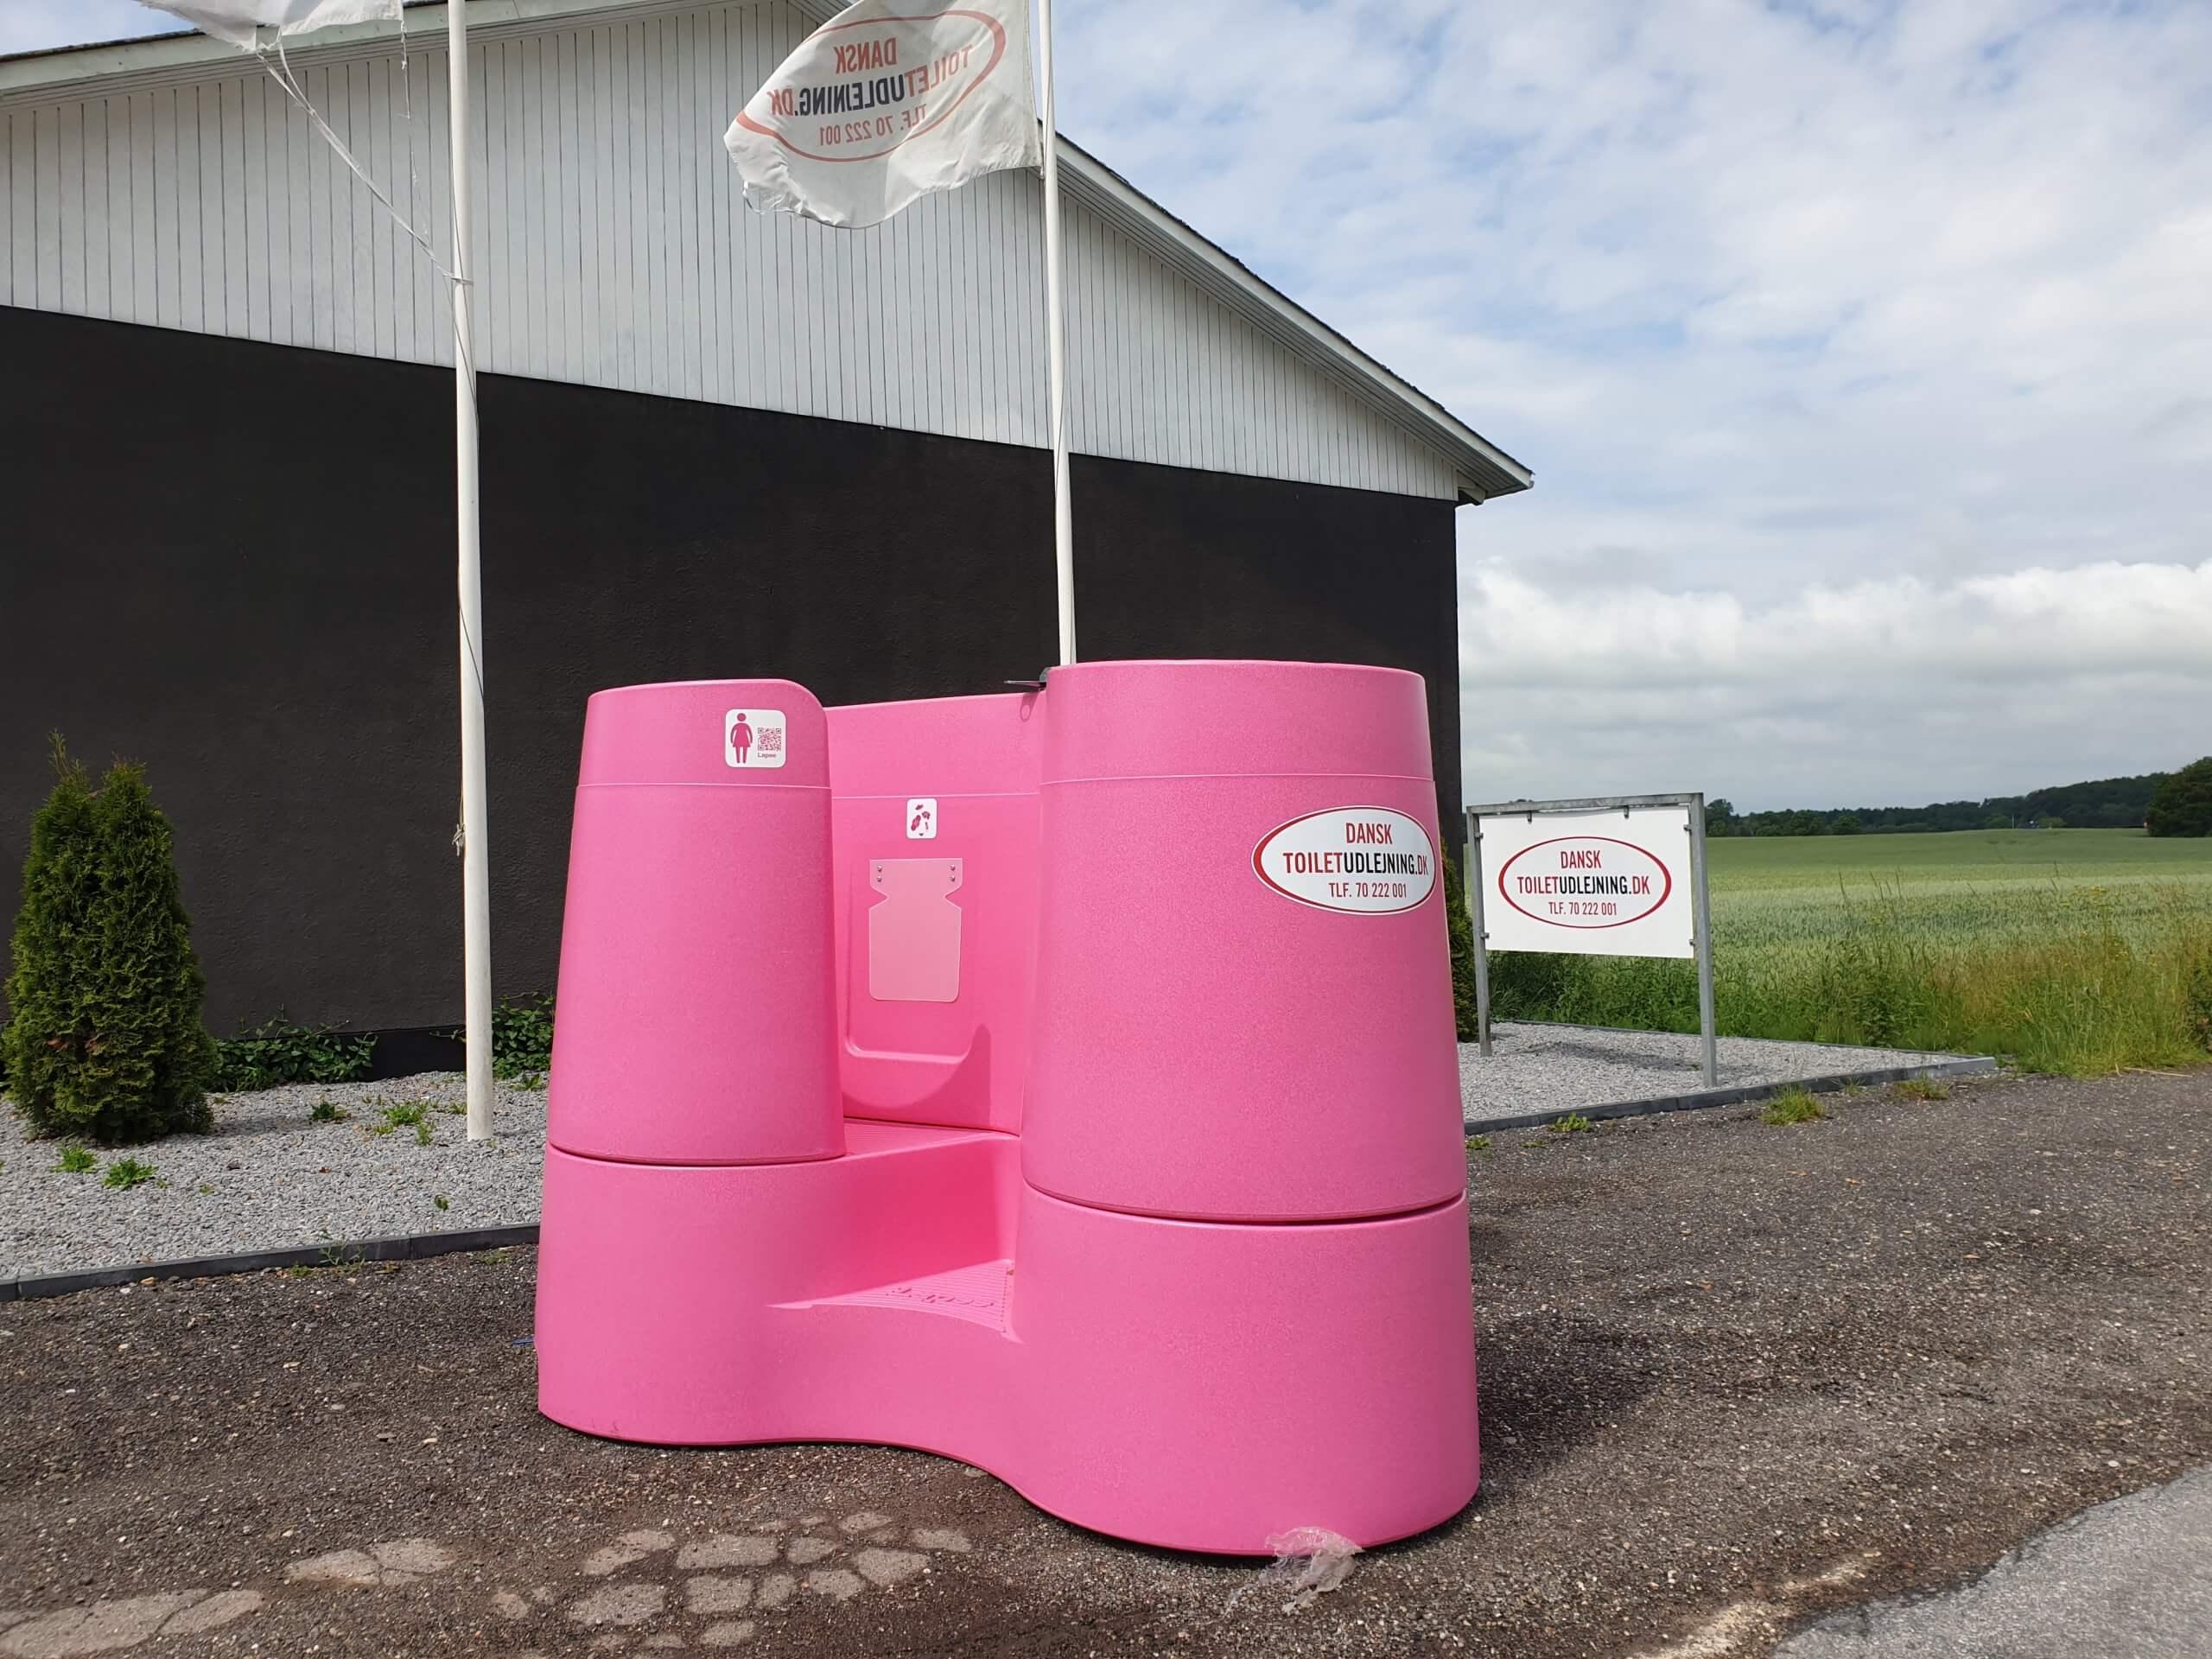 Kvindeurinalet, der består af 3 pink pissoirs og er 3 toiletter til kvinder